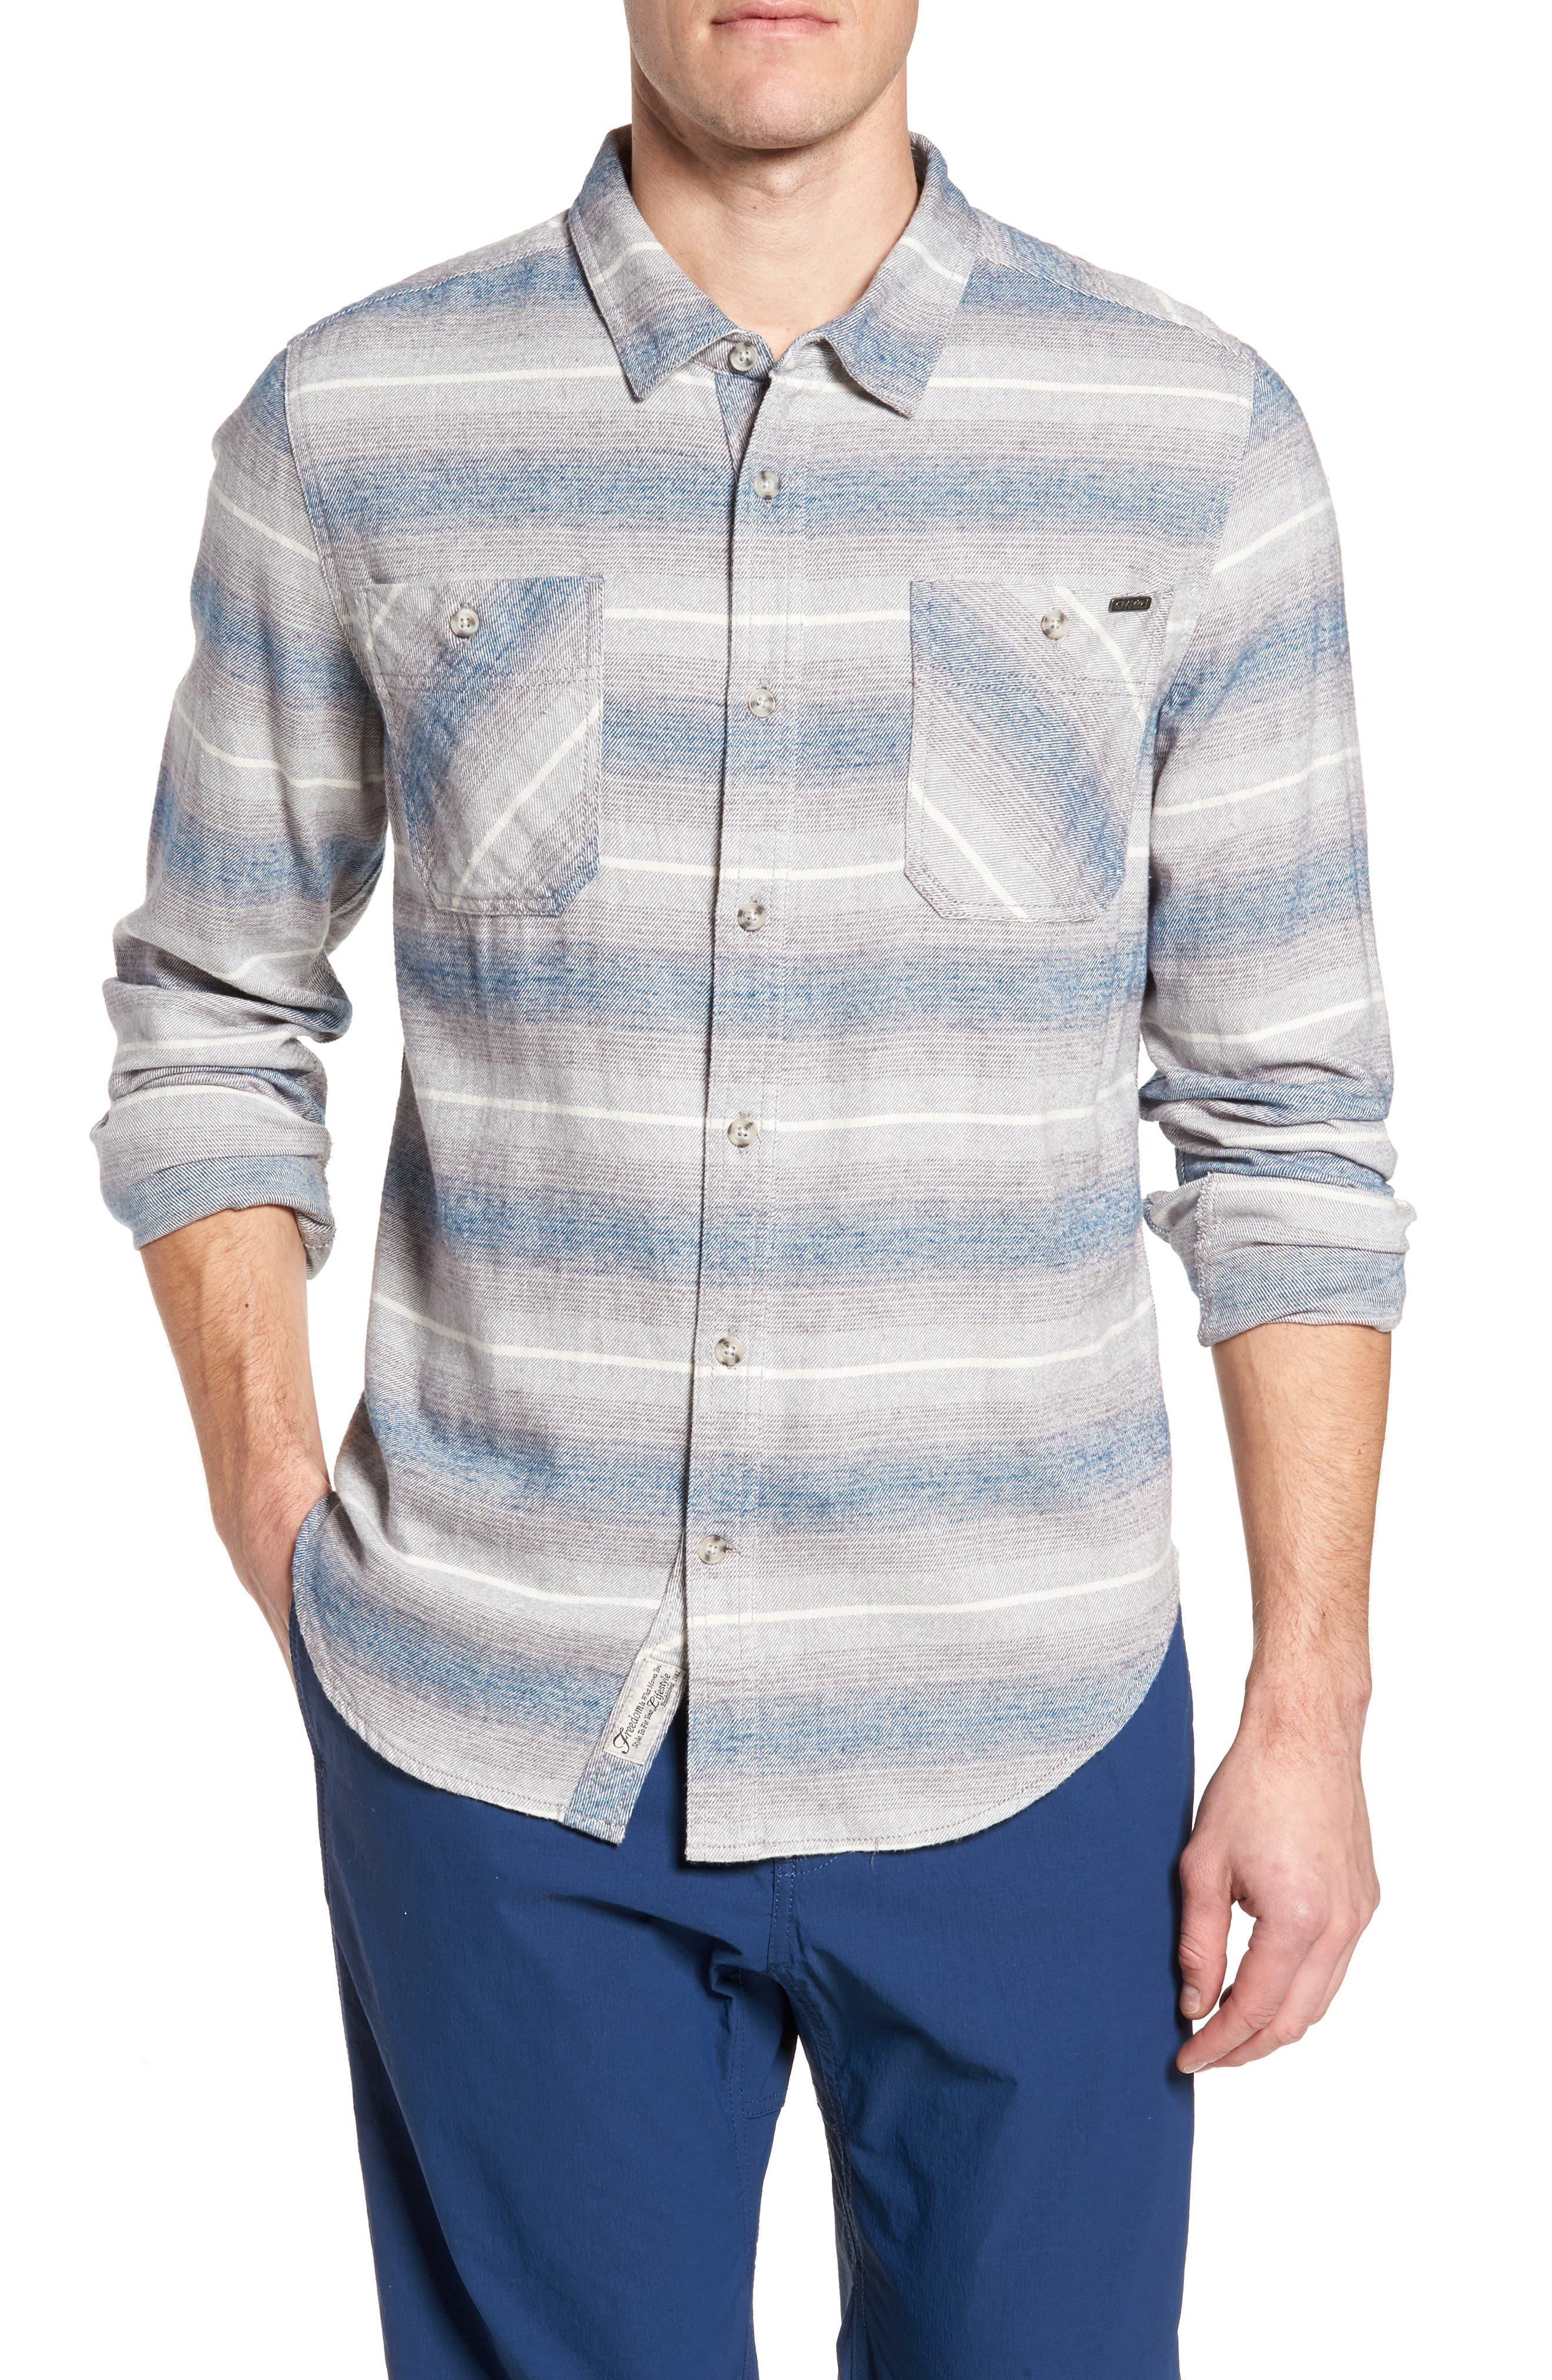 GRAMICCI General Purpose Regular Fit Stripe Sport Shirt, Main, color, 400